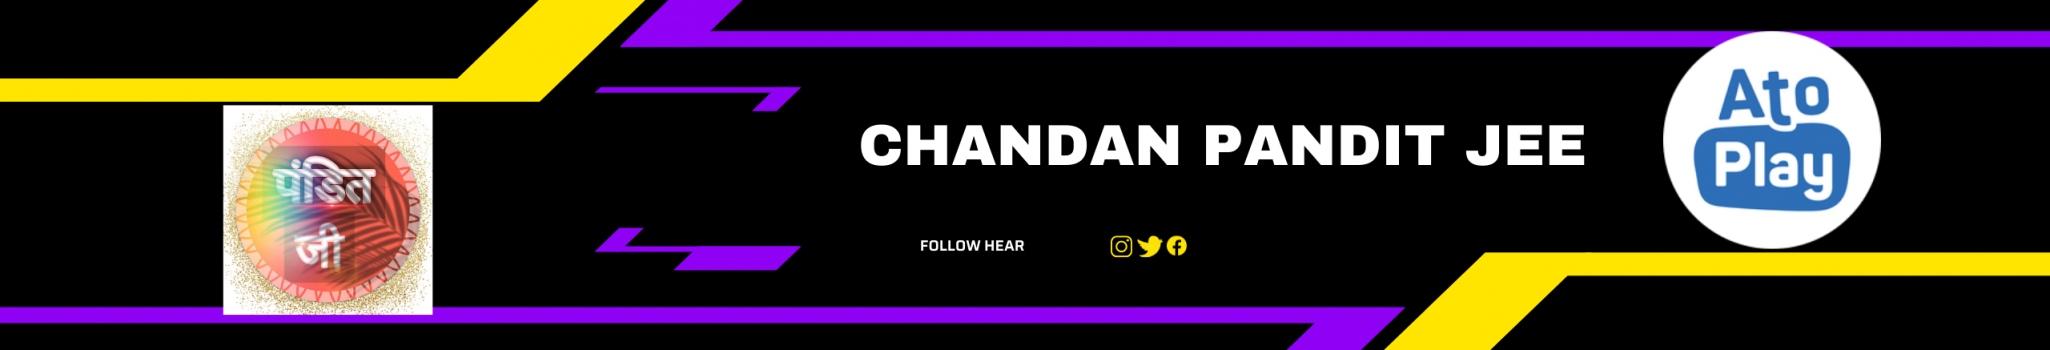 Chandan  pandit jee